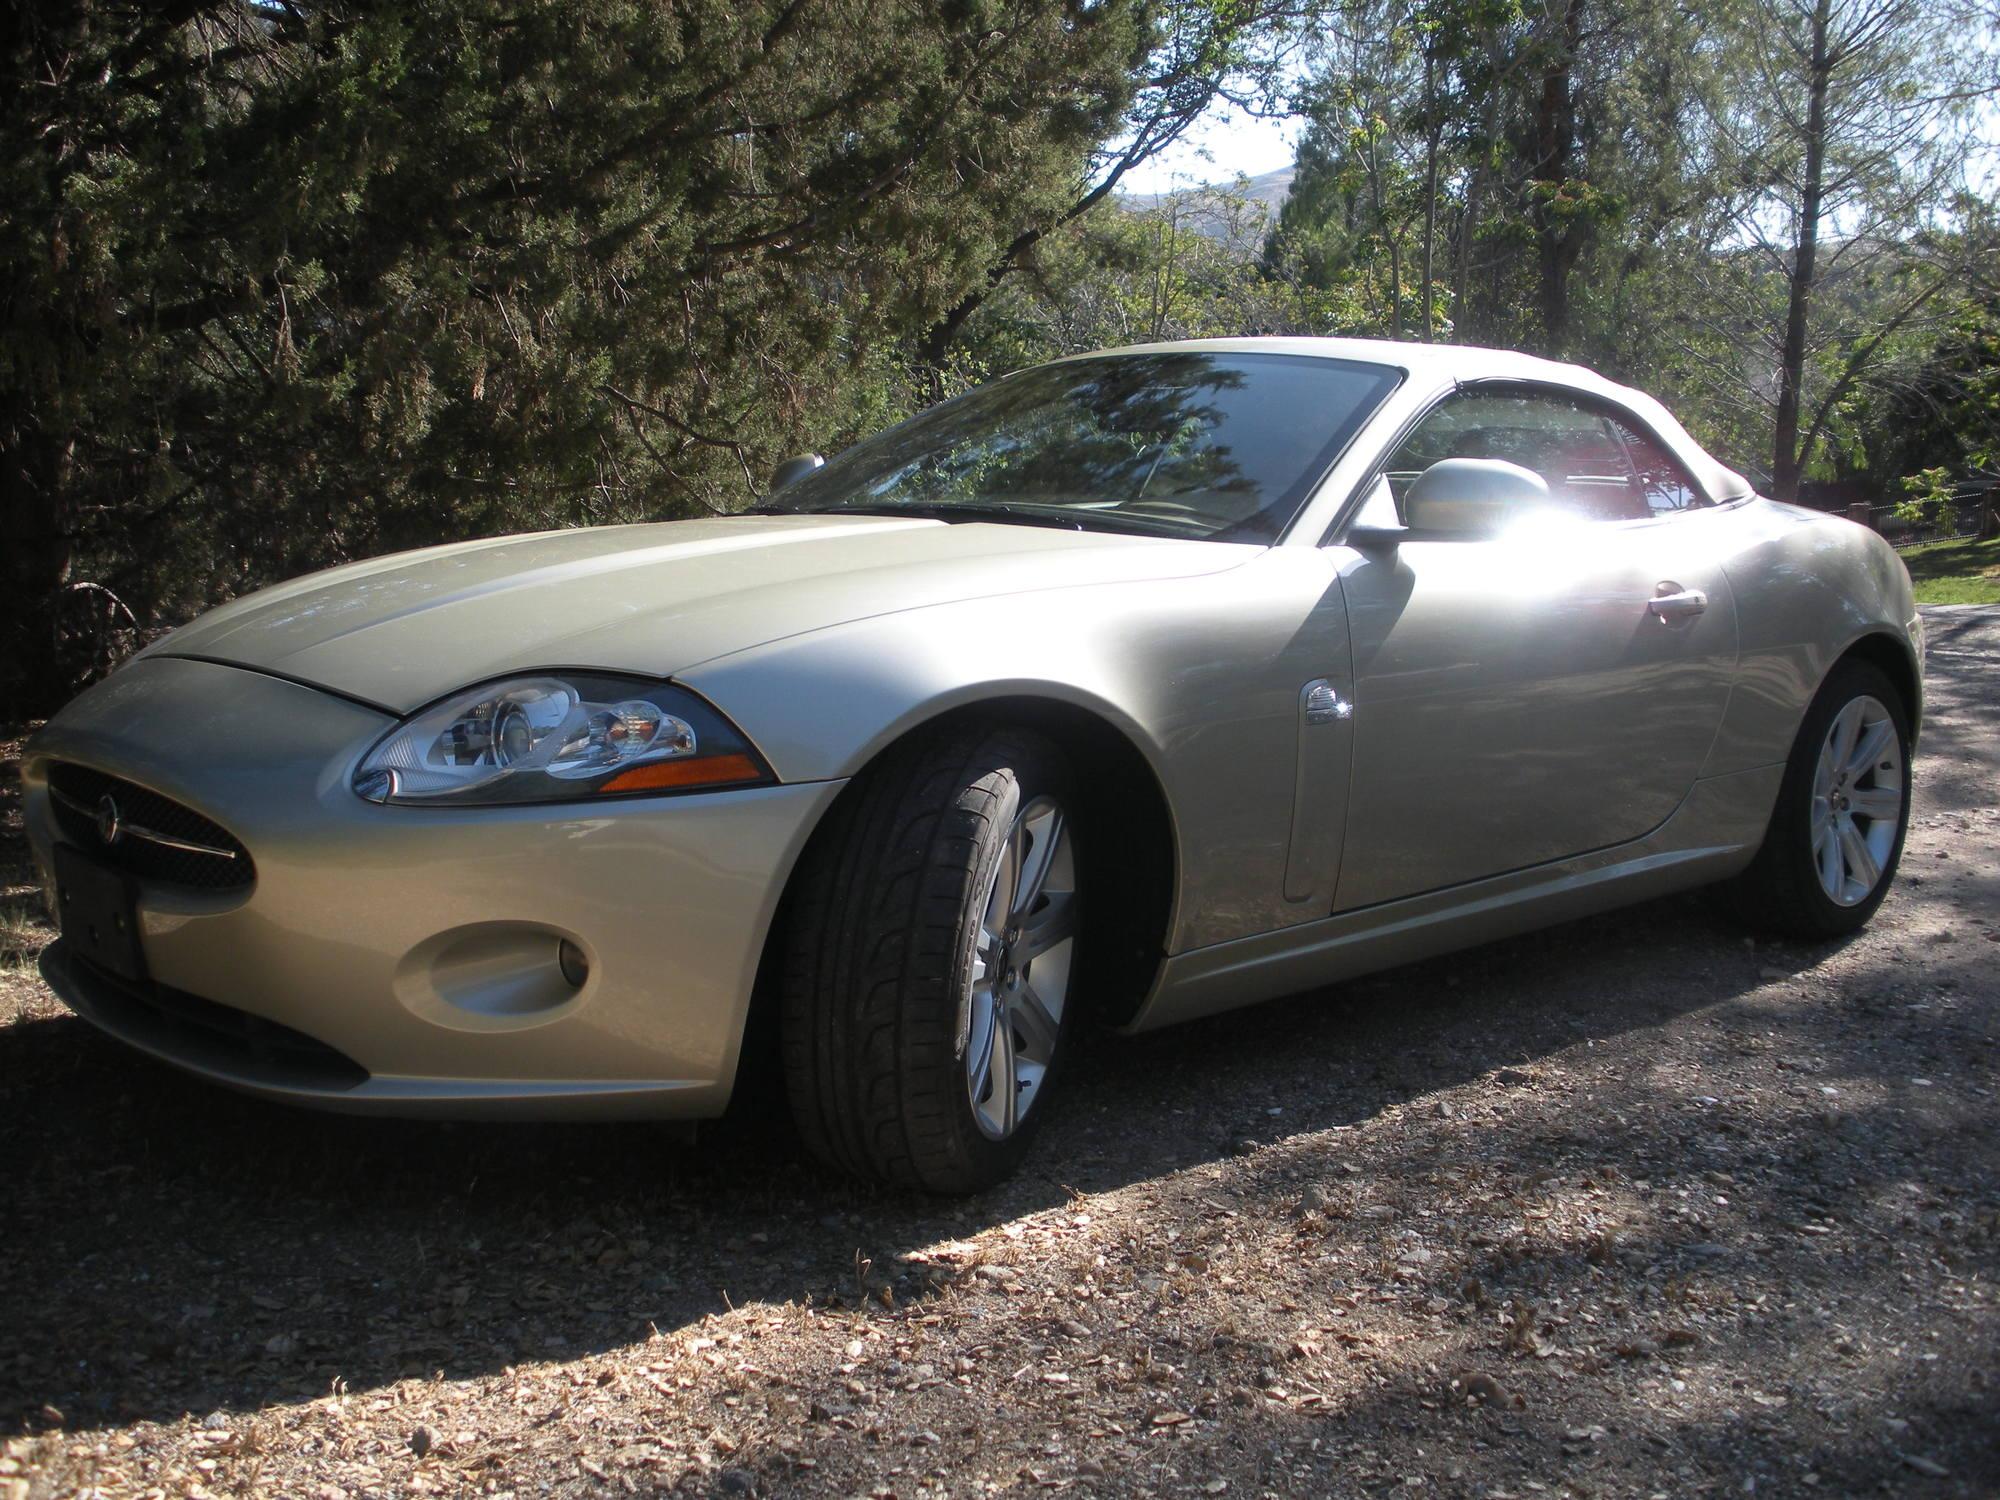 leasehackr out hand jaguar forum deals t marketplace seem dealership angeles los of kb socal